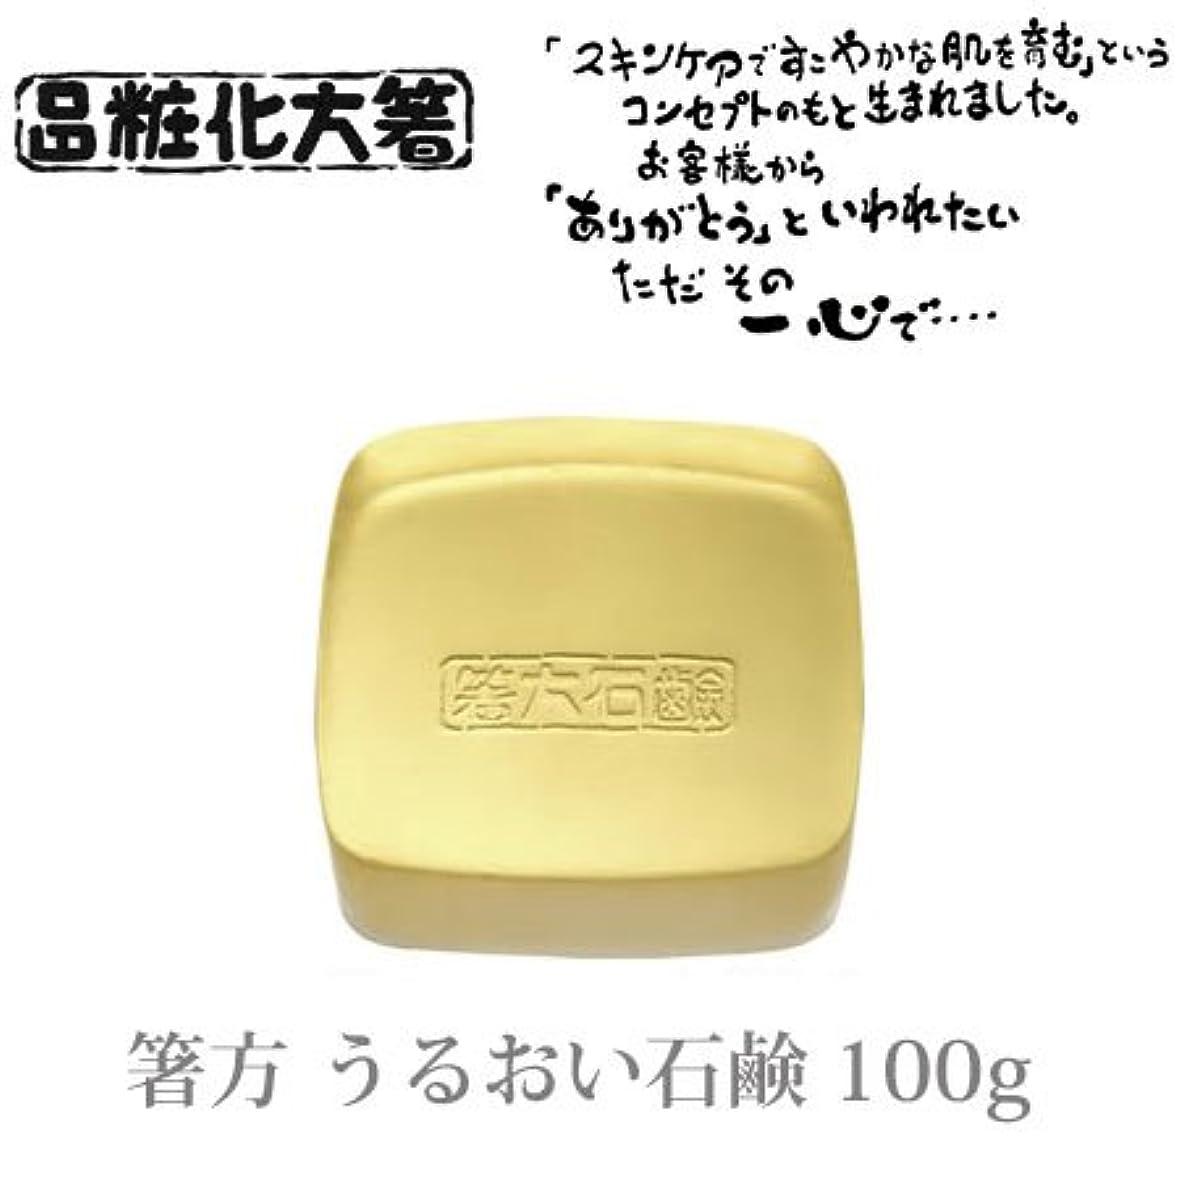 単調な回転させるジーンズ箸方化粧品 うるおい石鹸 100g はしかた化粧品